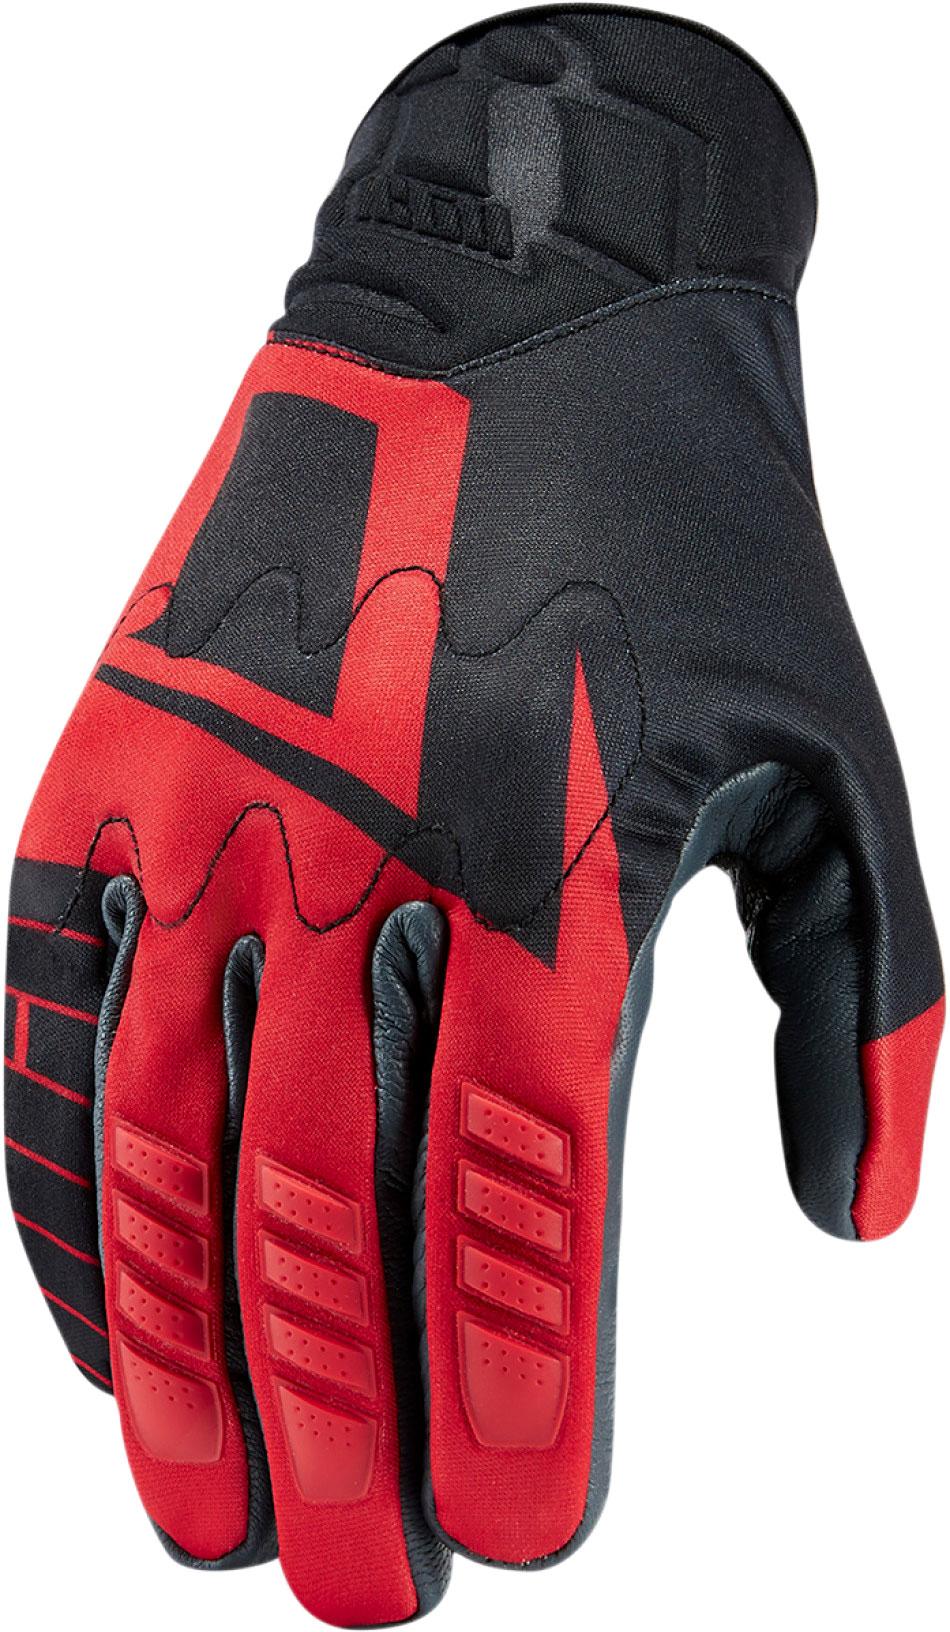 Icon Wireform, Handschuhe - Schwarz/Rot - S 33012774